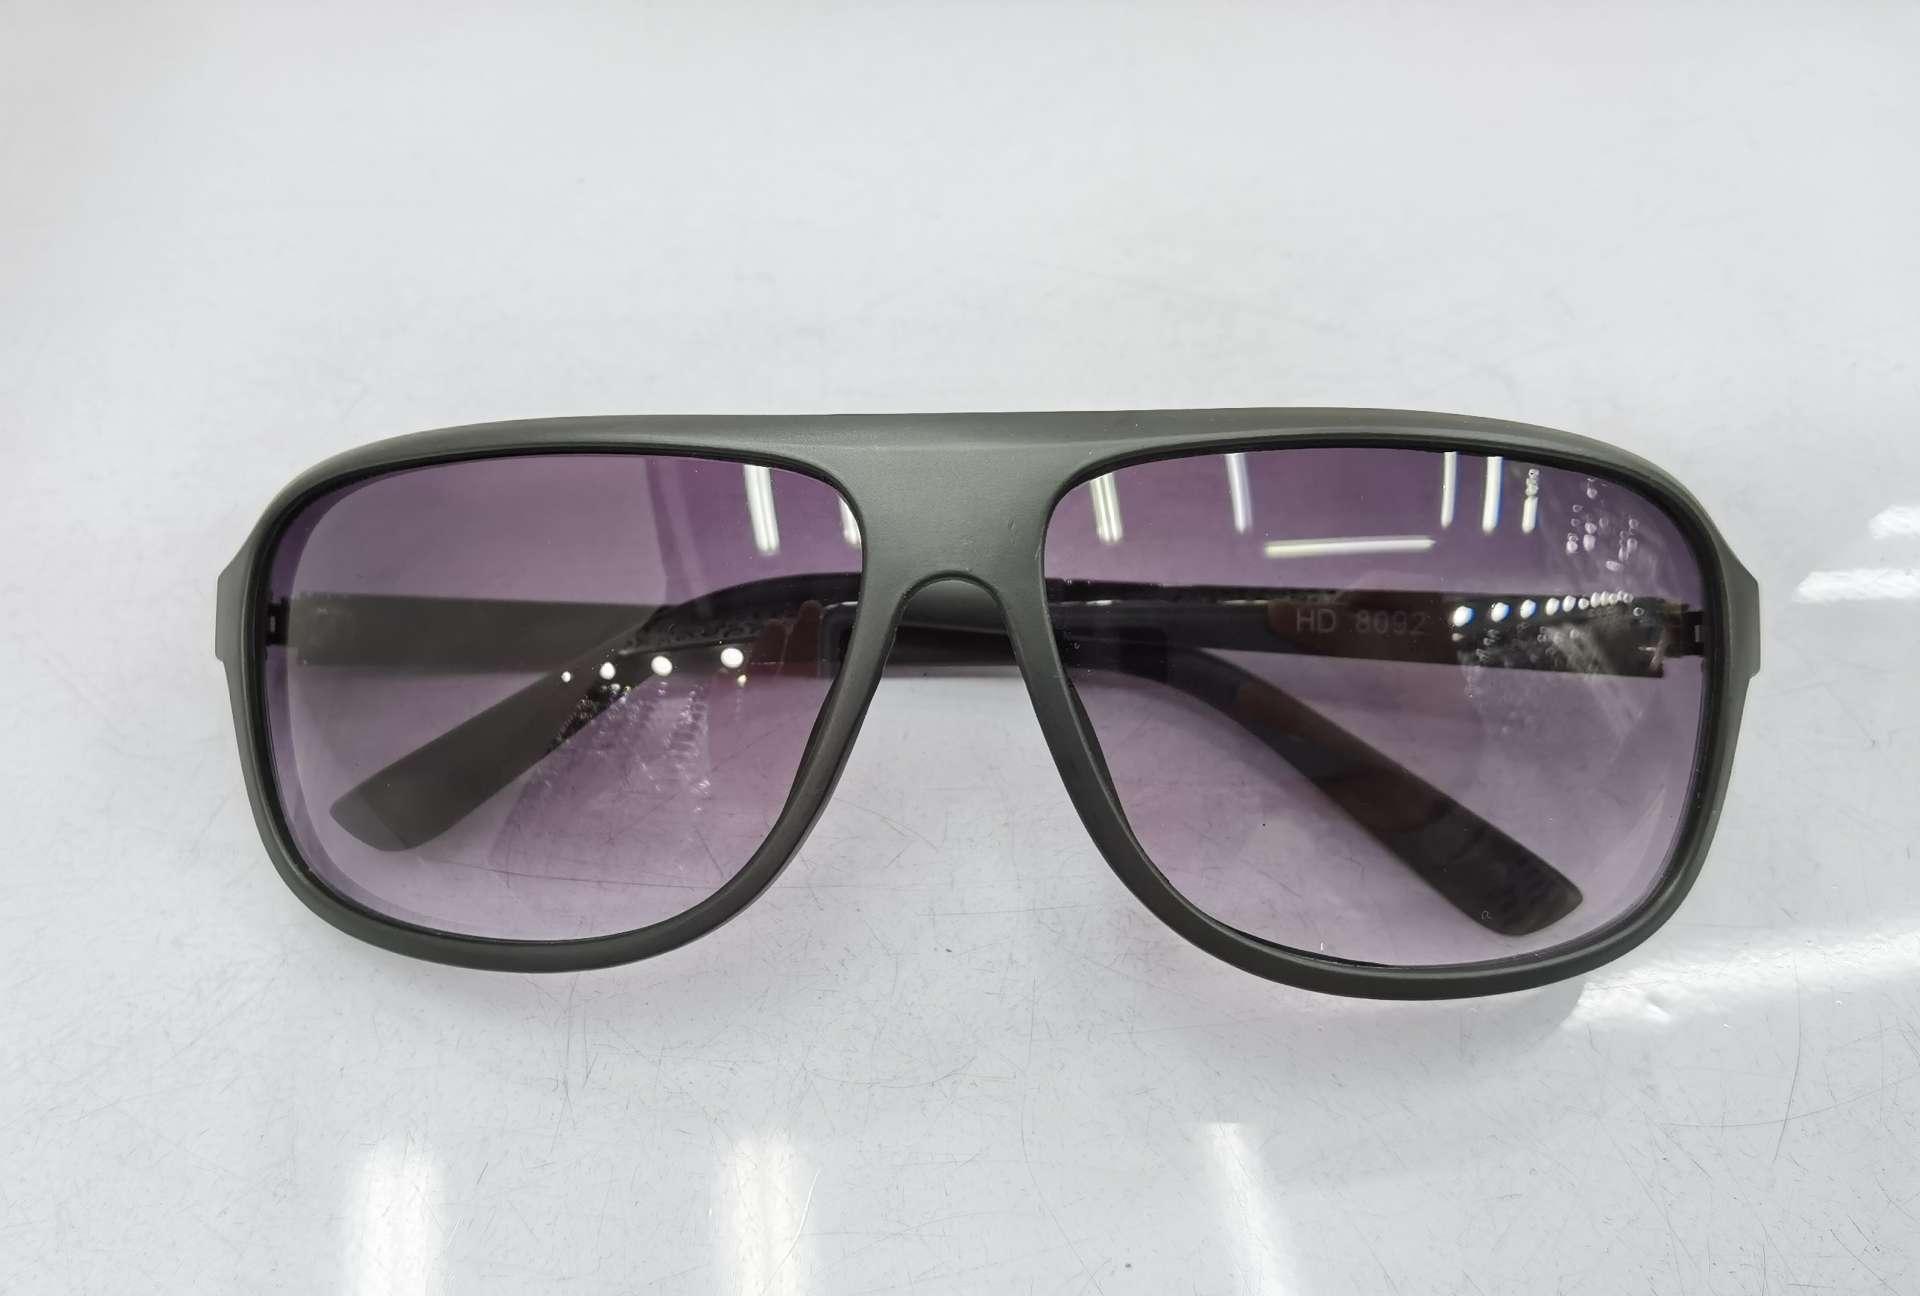 HD8092款需下单订做2020年新款金属配件脚时尚男女潮太阳镜防紫外线墨镜亮黑双灰片透明茶双茶片颜色可混装